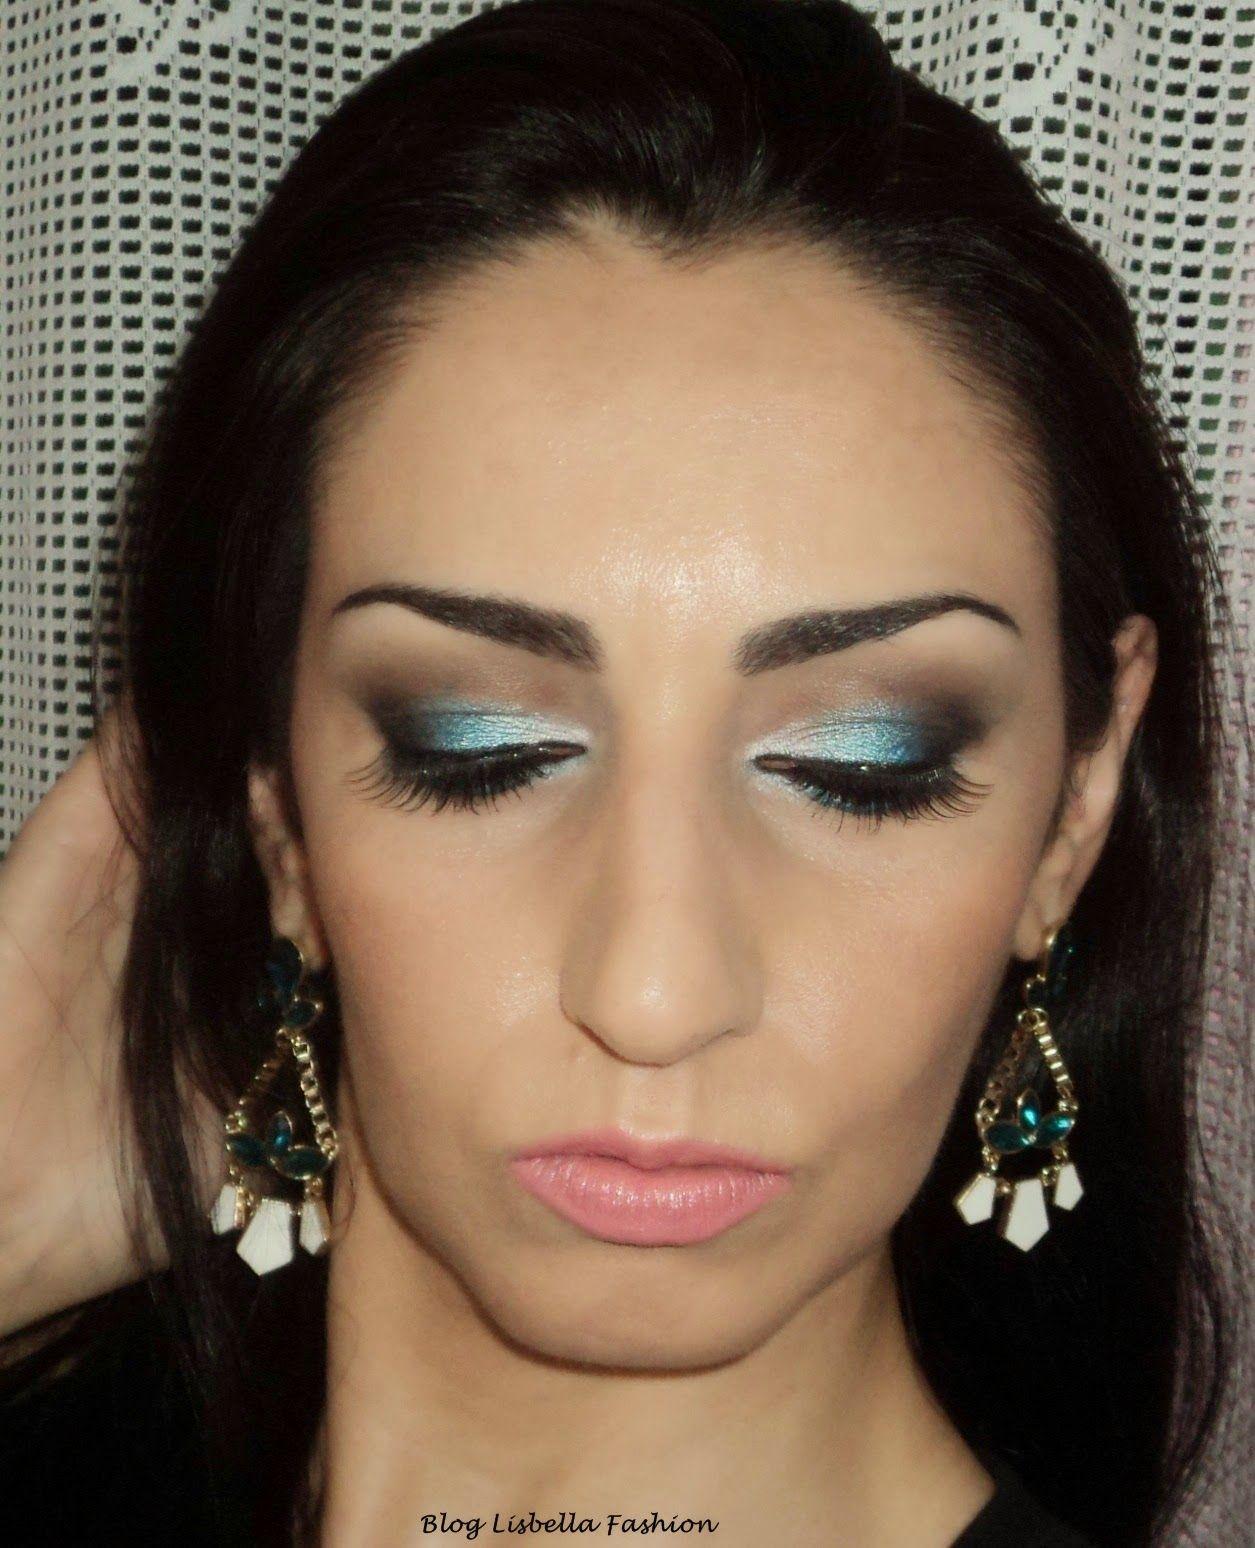 Lisbella Fashion: Maquiagem para o verão com sombra azul e batom coral.